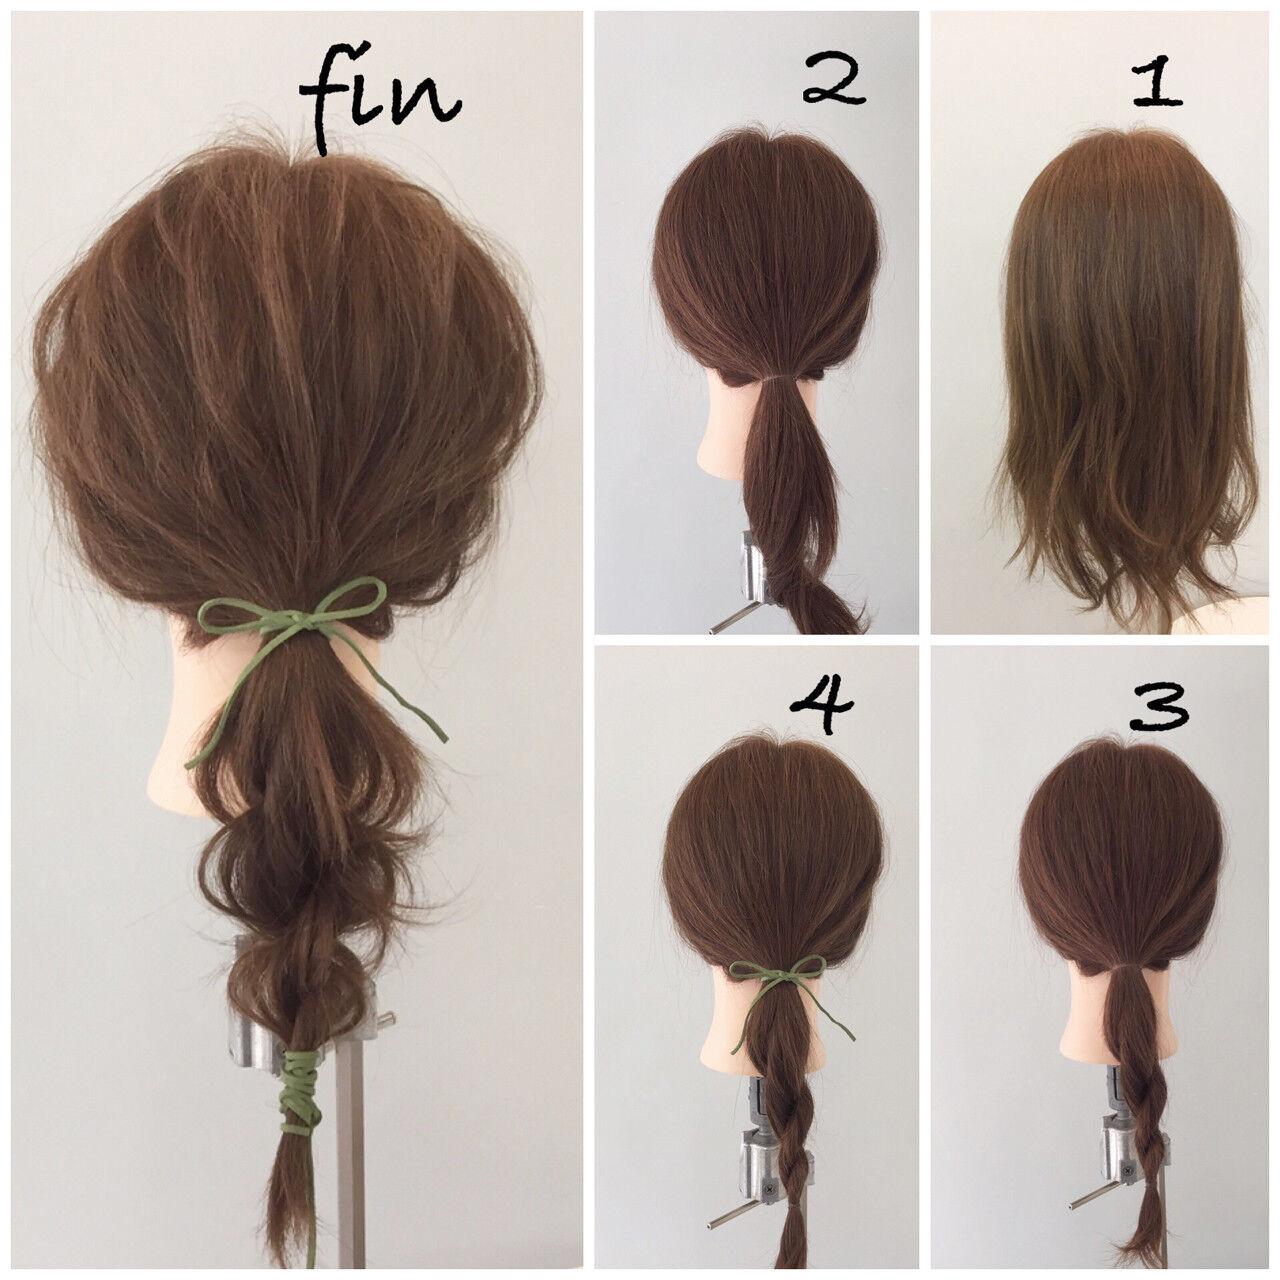 ショート 簡単 ポニーテール 簡単ヘアアレンジヘアスタイルや髪型の写真・画像